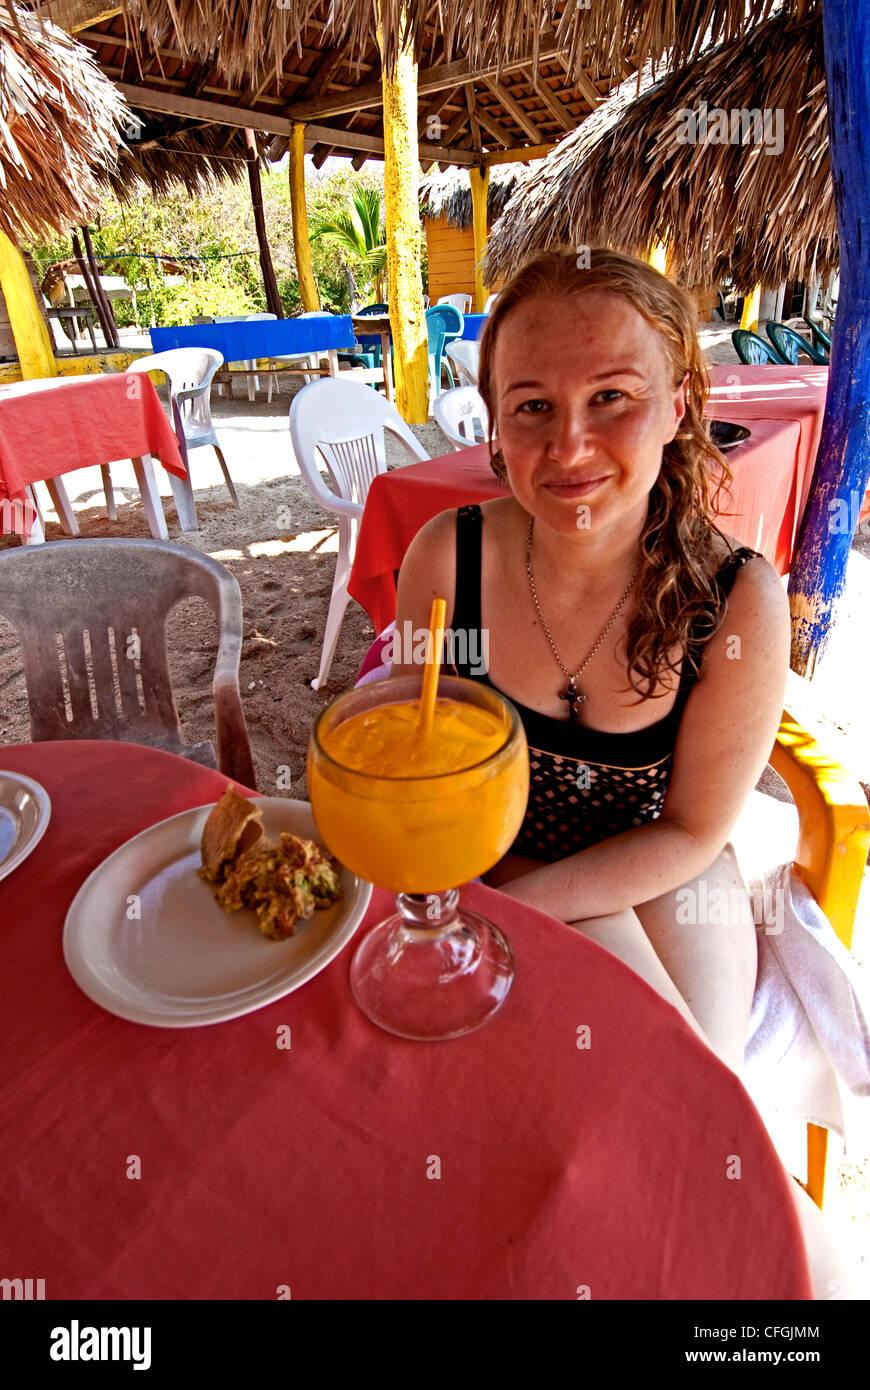 Eine junge, blonde Frau unter einem Sonnenschirm am Strand von La Isla de Ixtapa/Zihuatanejo, mit einem orange-farbigen Stockbild